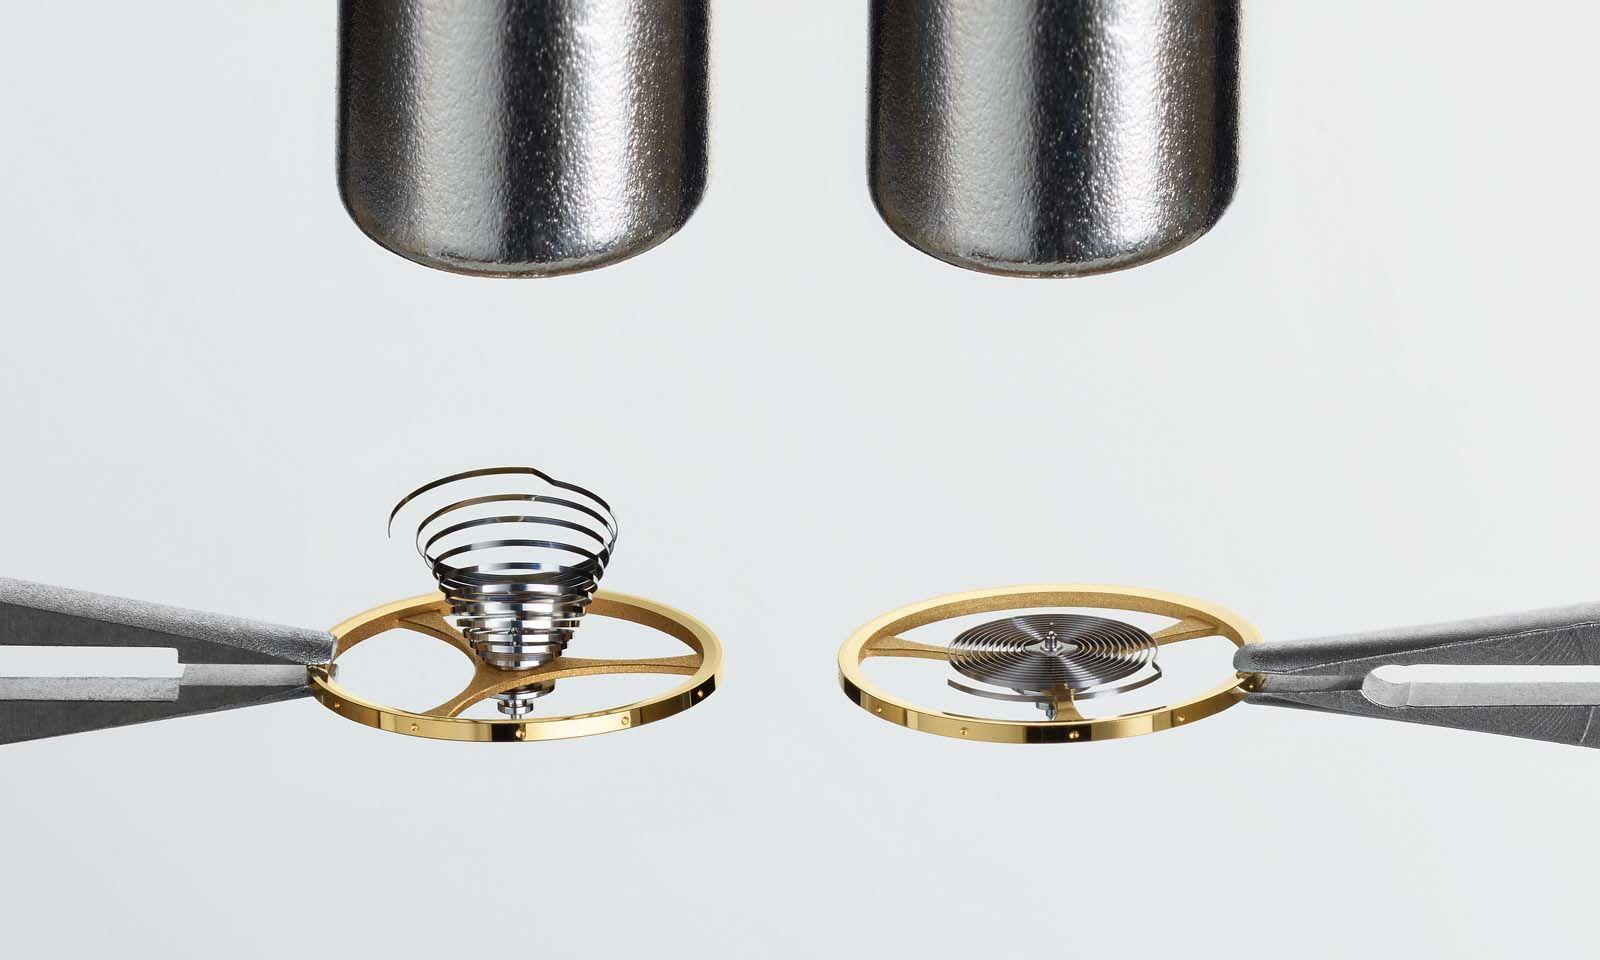 Während sich eine herkömmliche Spiralfeder dem Magneten entgegenbiegt, bleibt die neue Nivachron-Spirale in der ursprünglichen Form.